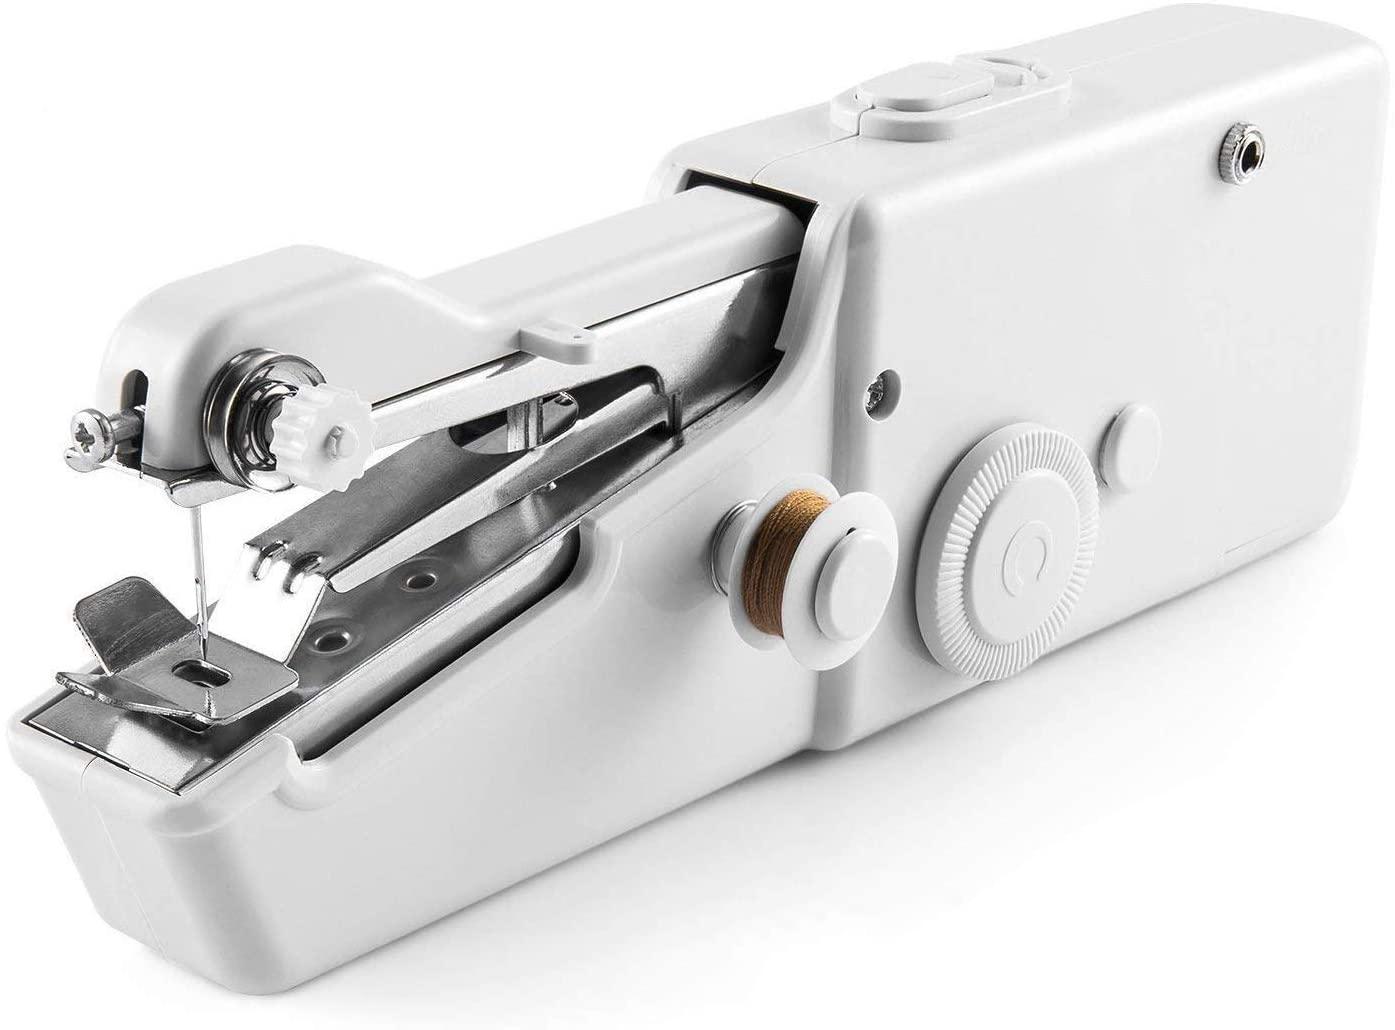 1 Handheld Sewing Machine